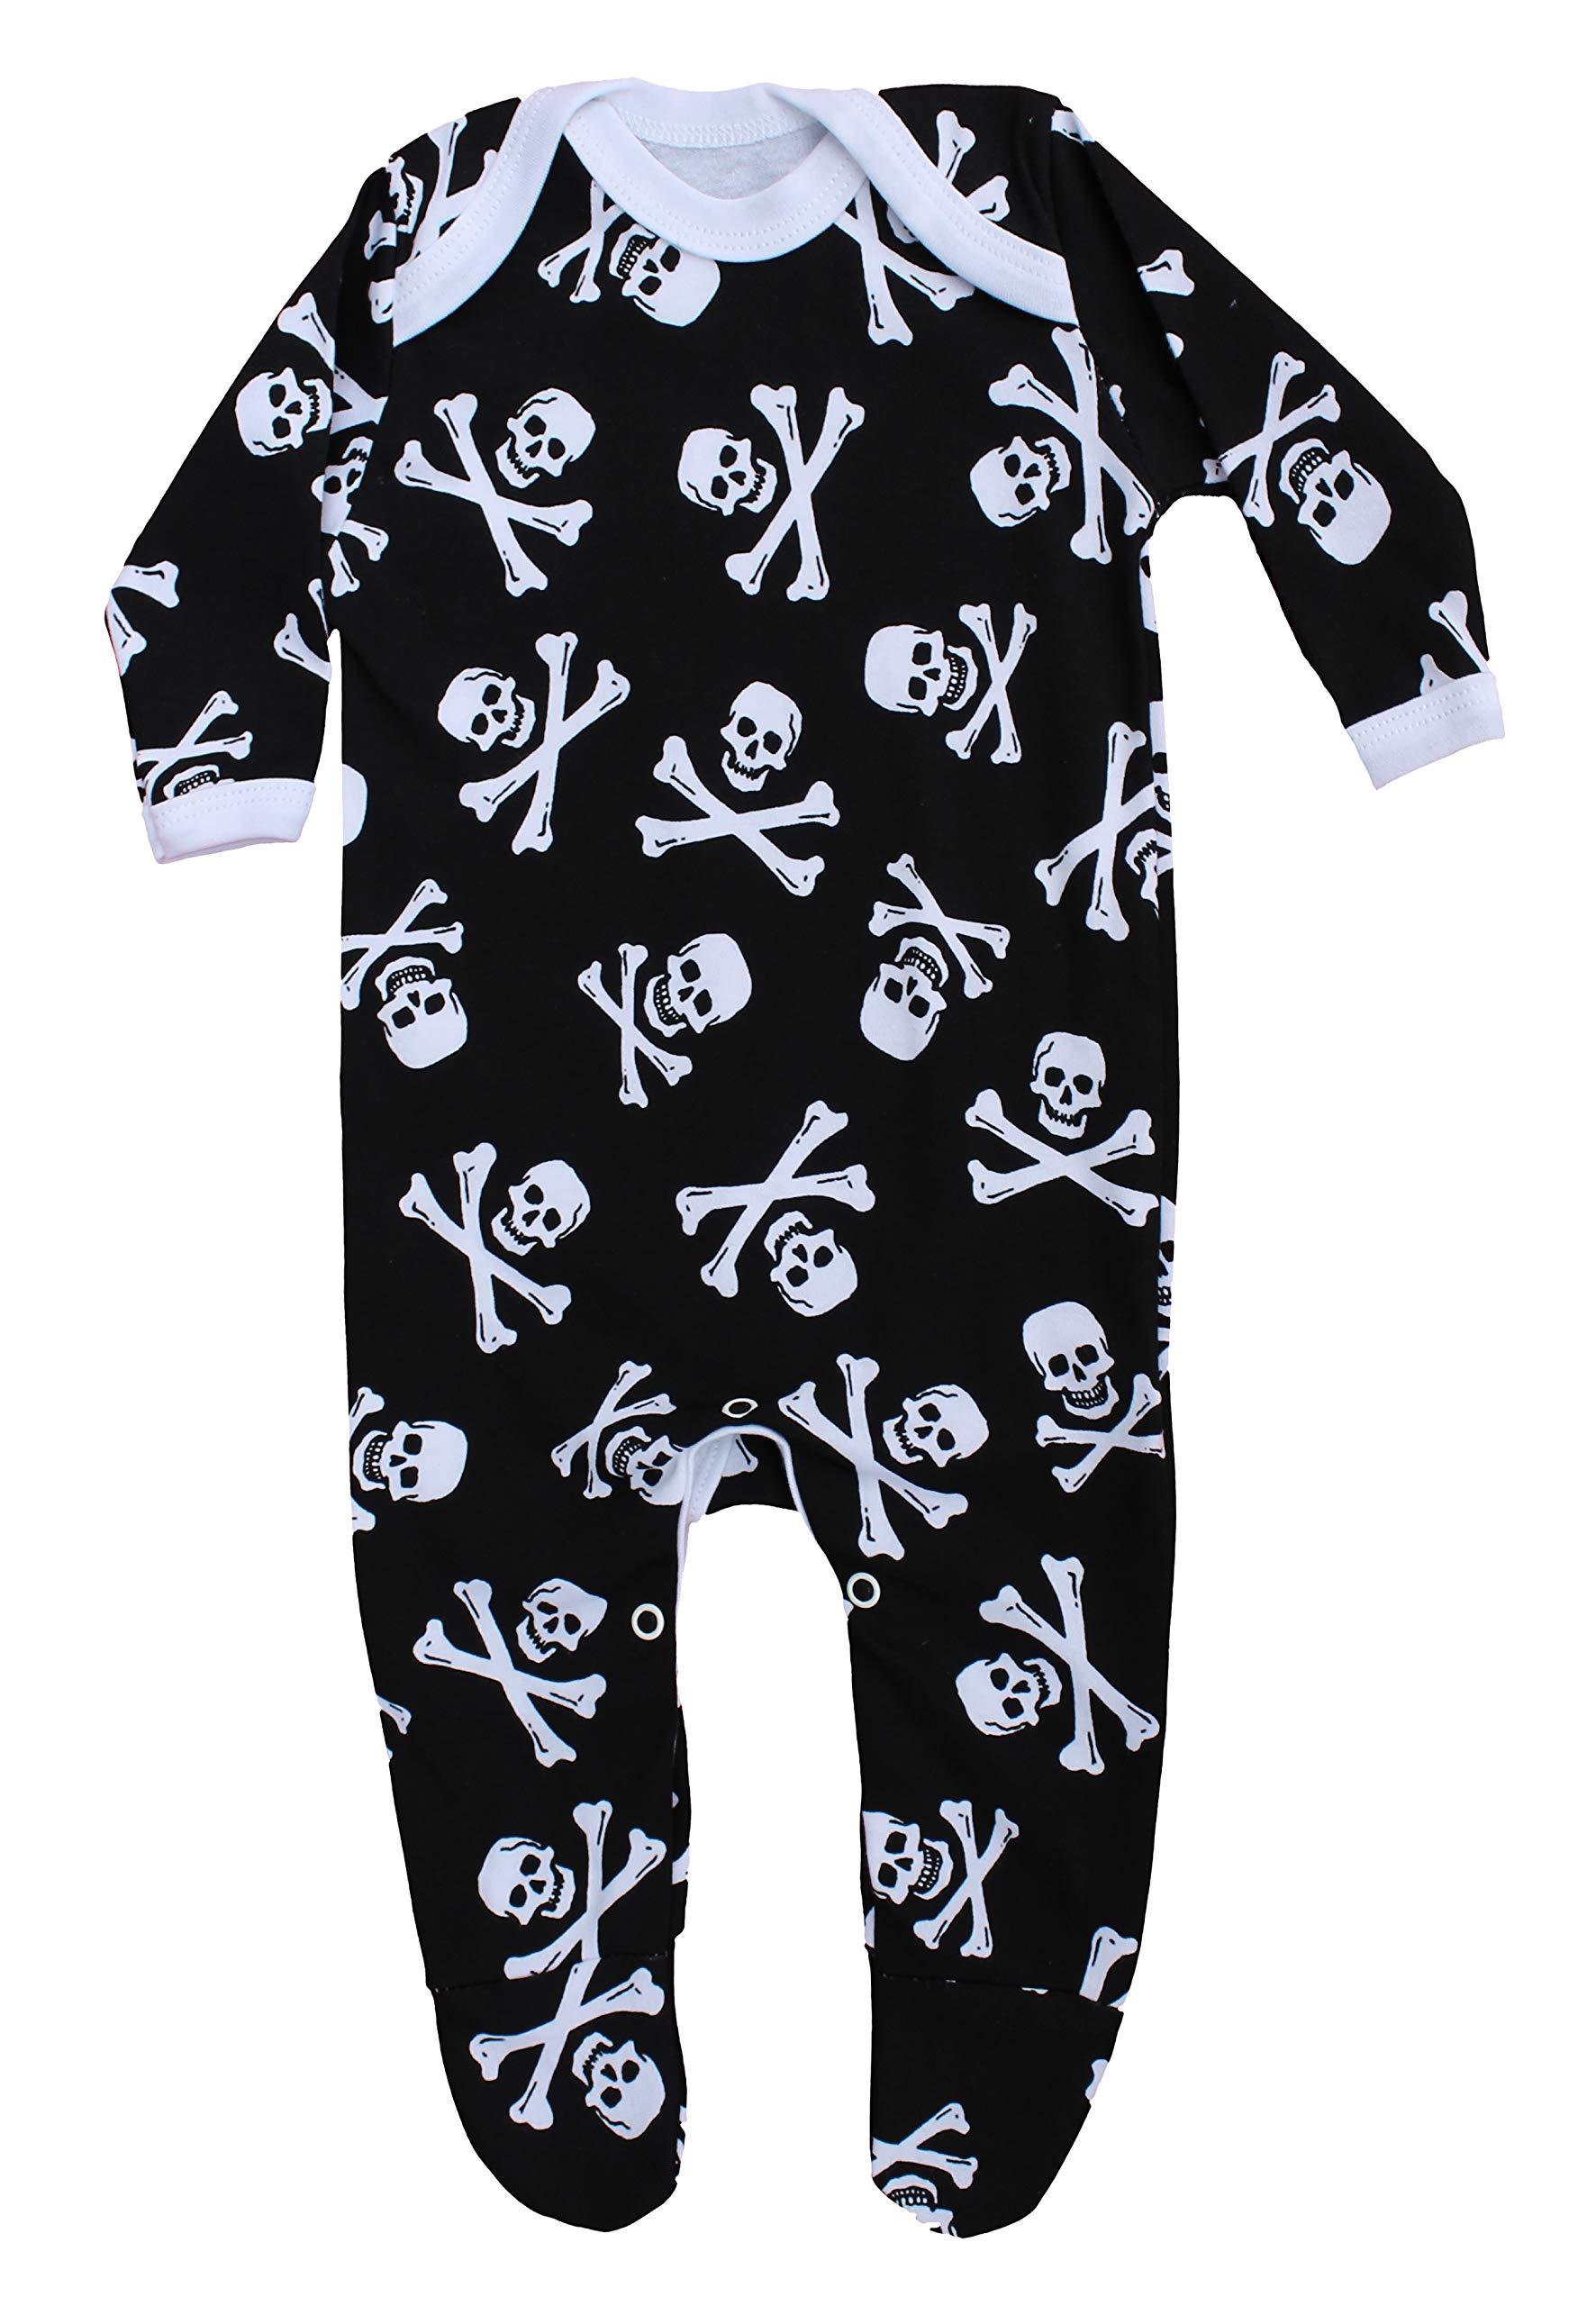 Pijama alternativo para bebé para niños o niñas | Mono pirata de calavera y huesos Jolly Roger - gótico ropa de bebé… 2